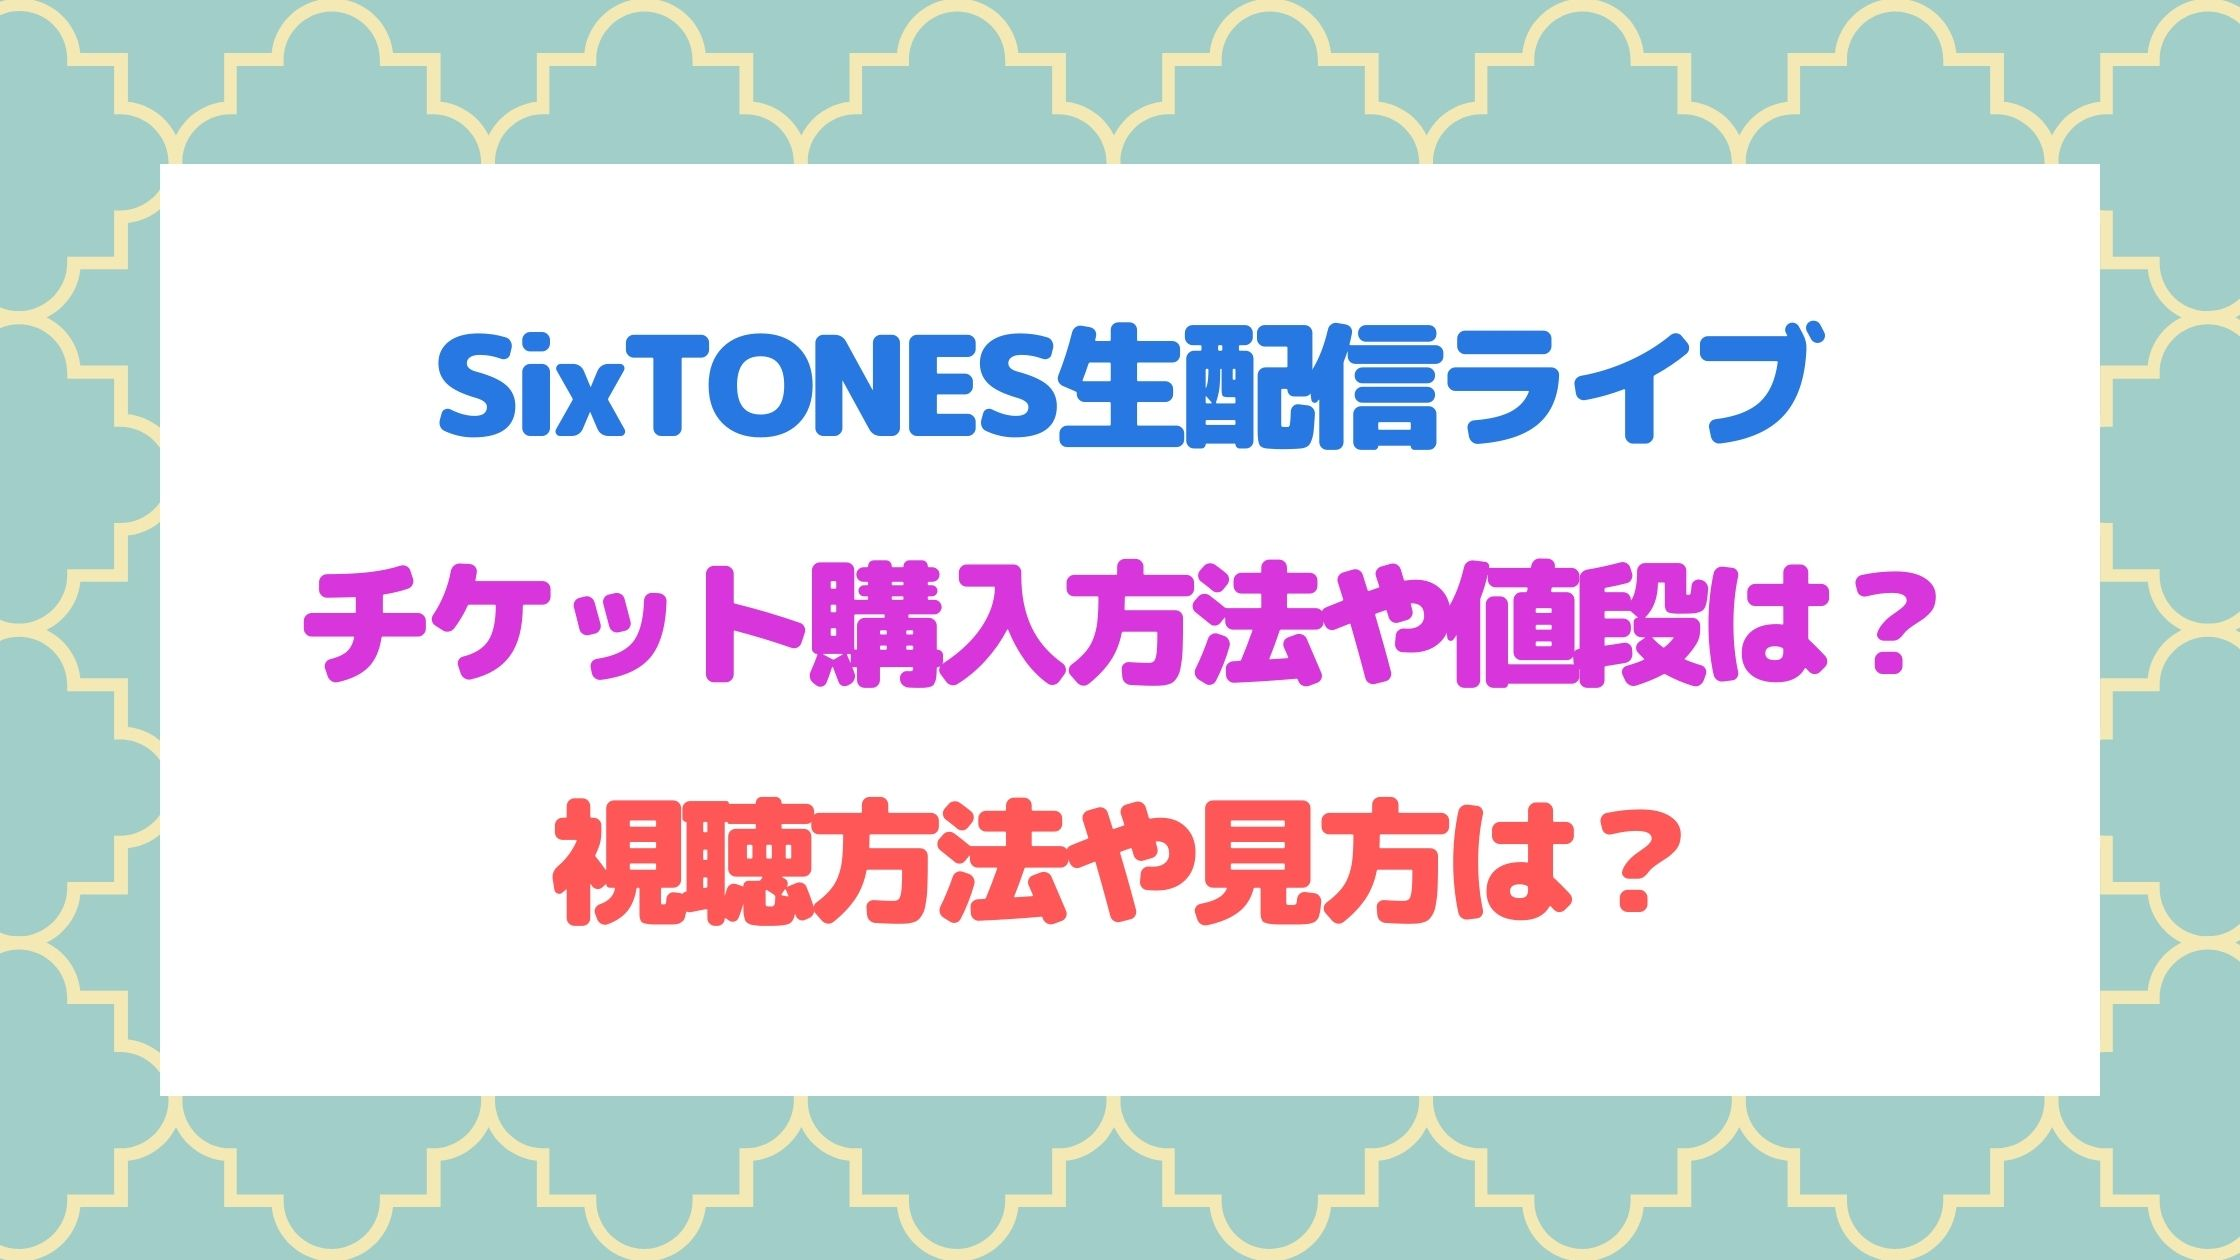 オンライン ストア sixtones ジャニーズ